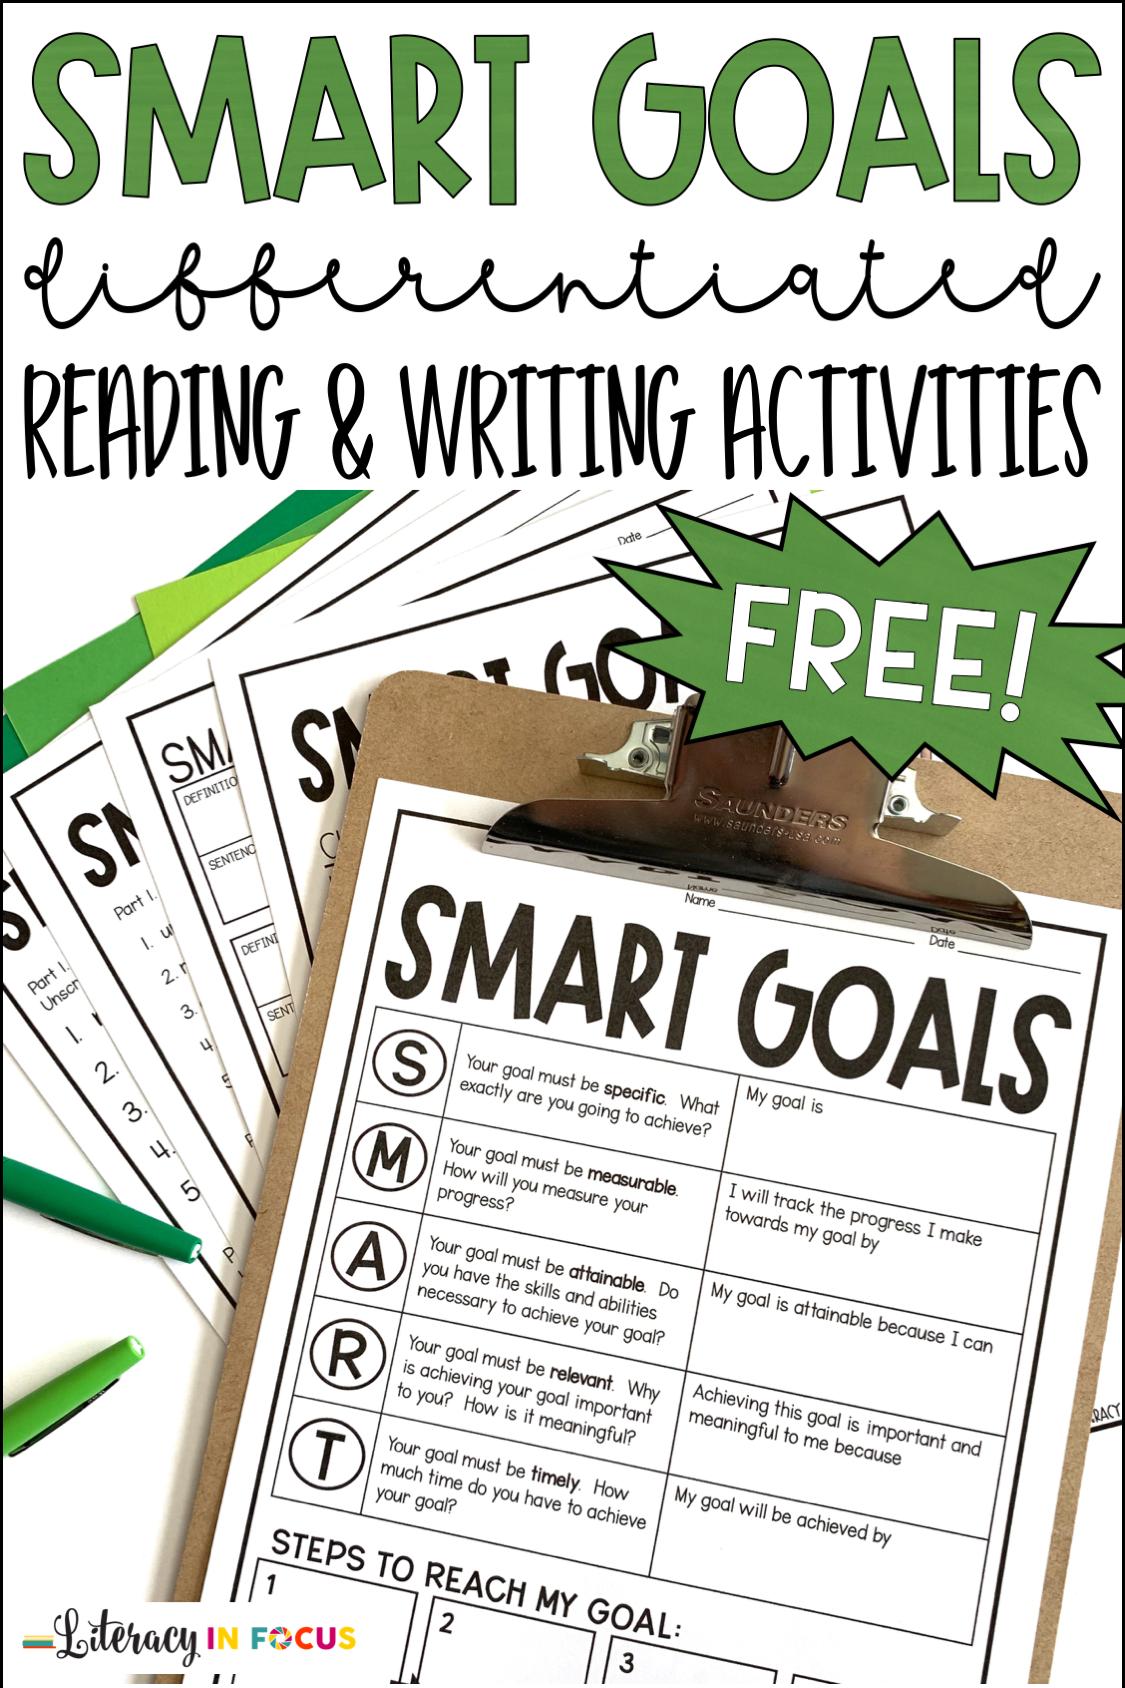 Smart Goals Template And Activities